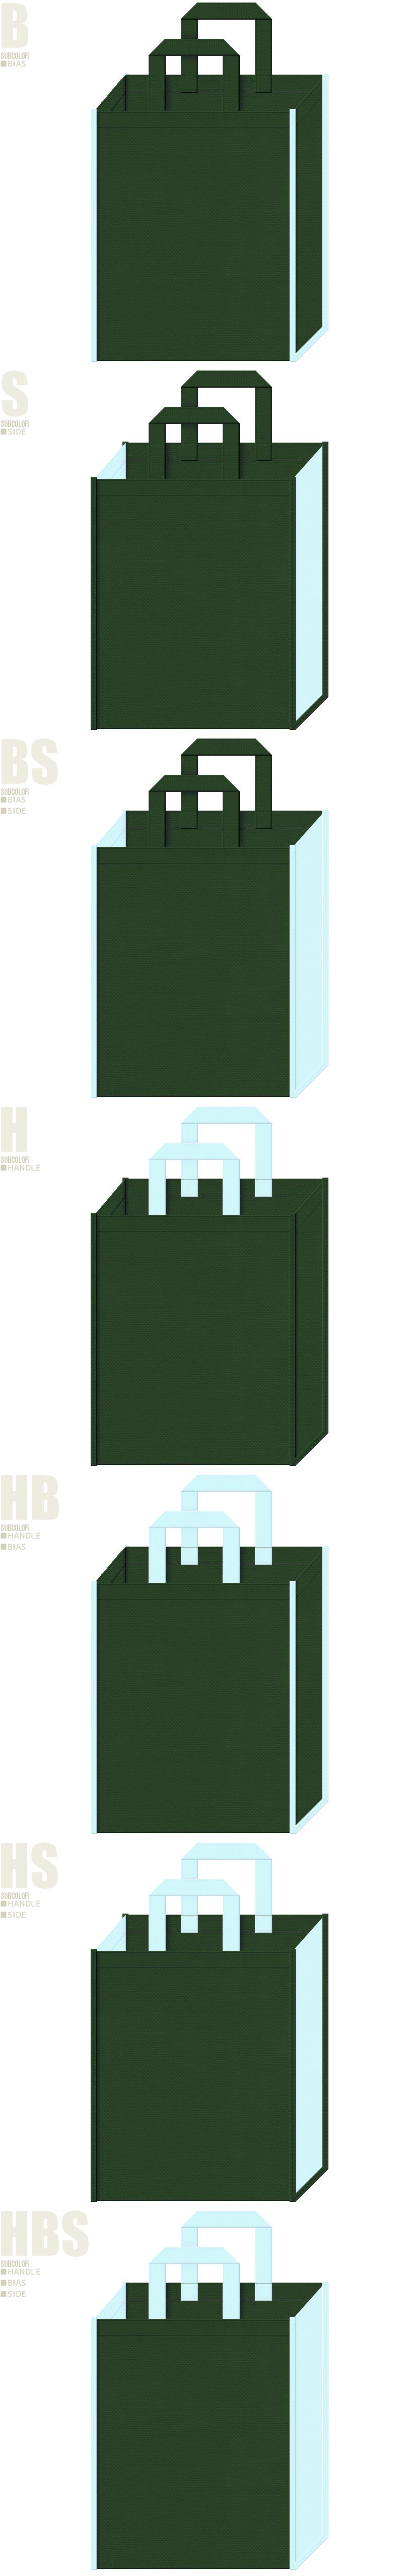 水耕栽培・野菜工場・噴水・エクステリア・水と環境・水資源・環境イベント・ミント・歯科・医療施設・医療器具・薬局・医薬品の展示会用バッグにお奨め不織布バッグデザイン:濃緑色と水色の配色7パターン